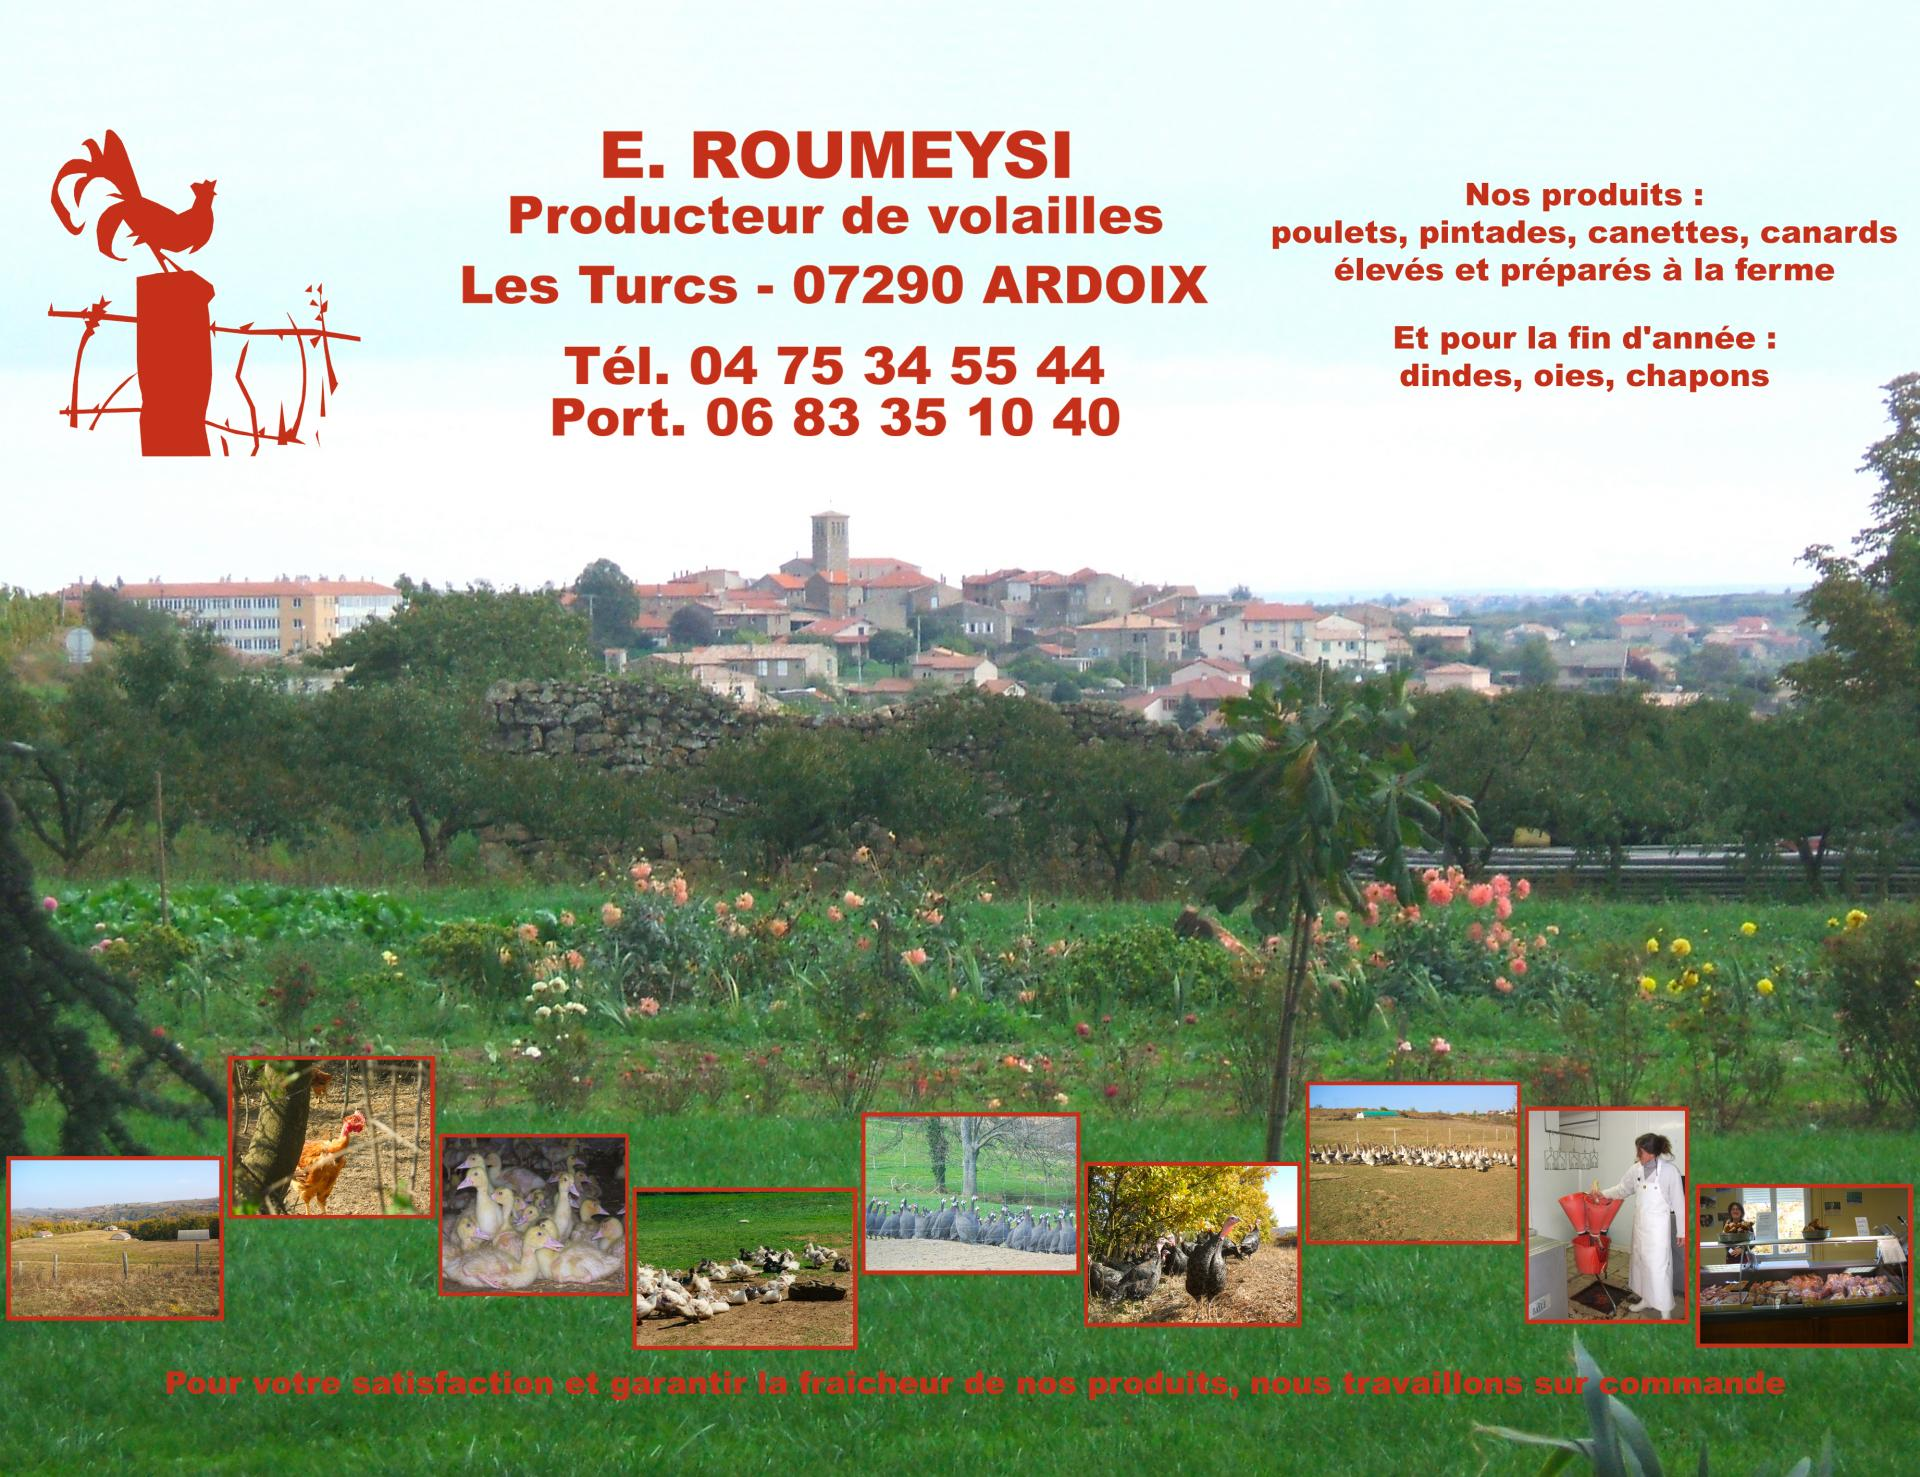 Eric Roumeysi - Producteur de volailles